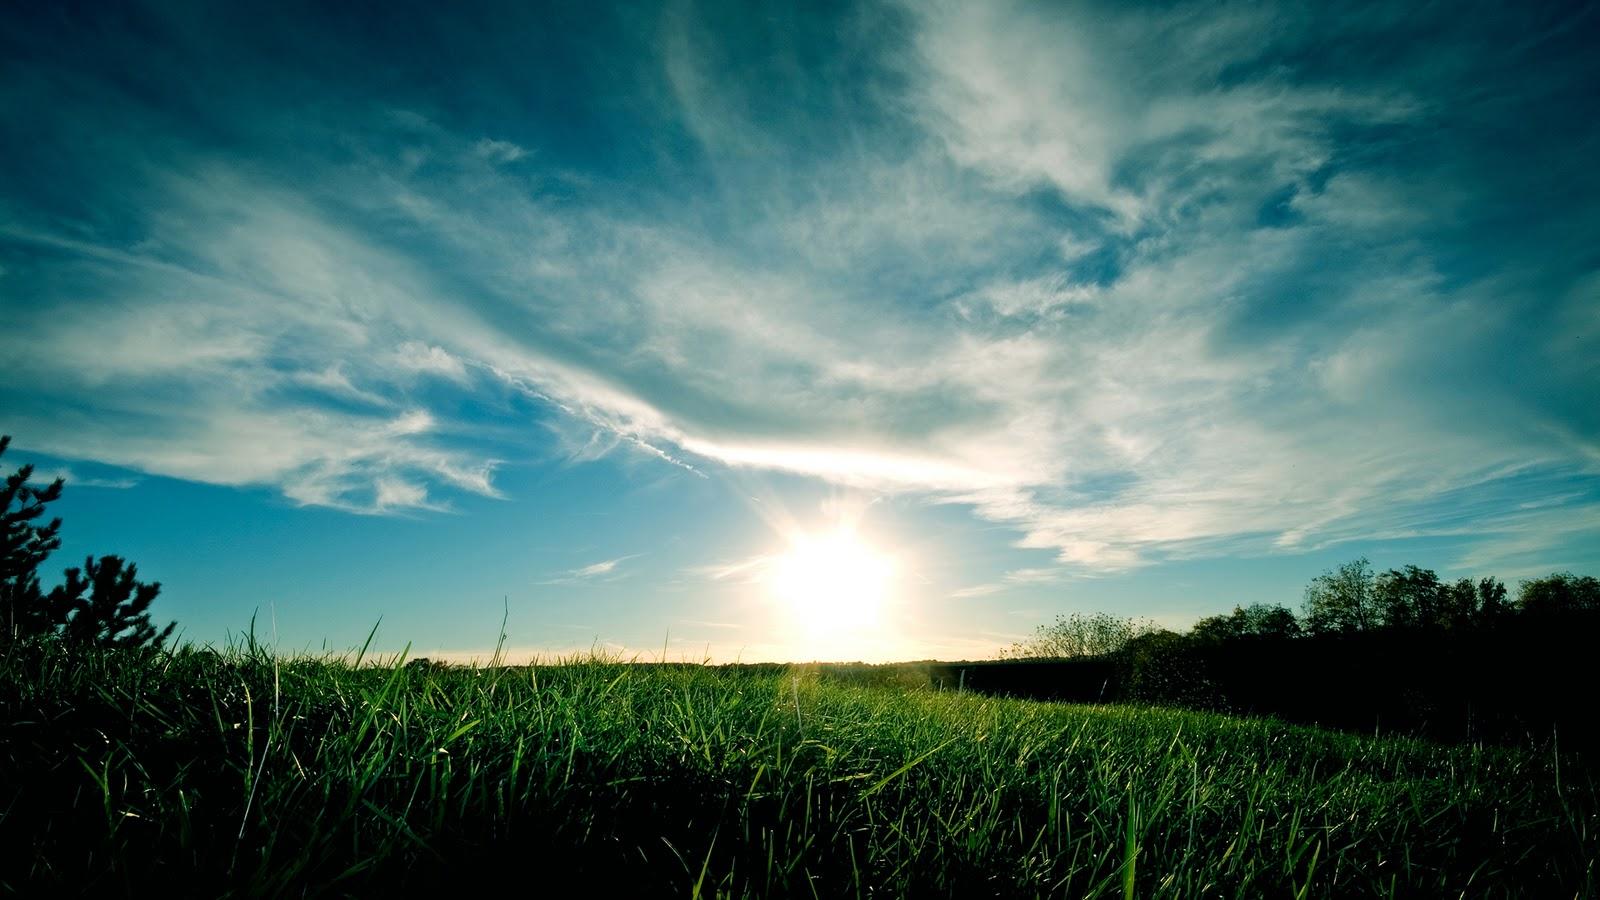 http://1.bp.blogspot.com/-sy2UlnR3RiU/TqA5_-7i_BI/AAAAAAAAAOM/8Yds6lD-Mqc/s1600/Nature-Full-HD-Wallpaper-national-geographic-7822275-1920-1080.jpg